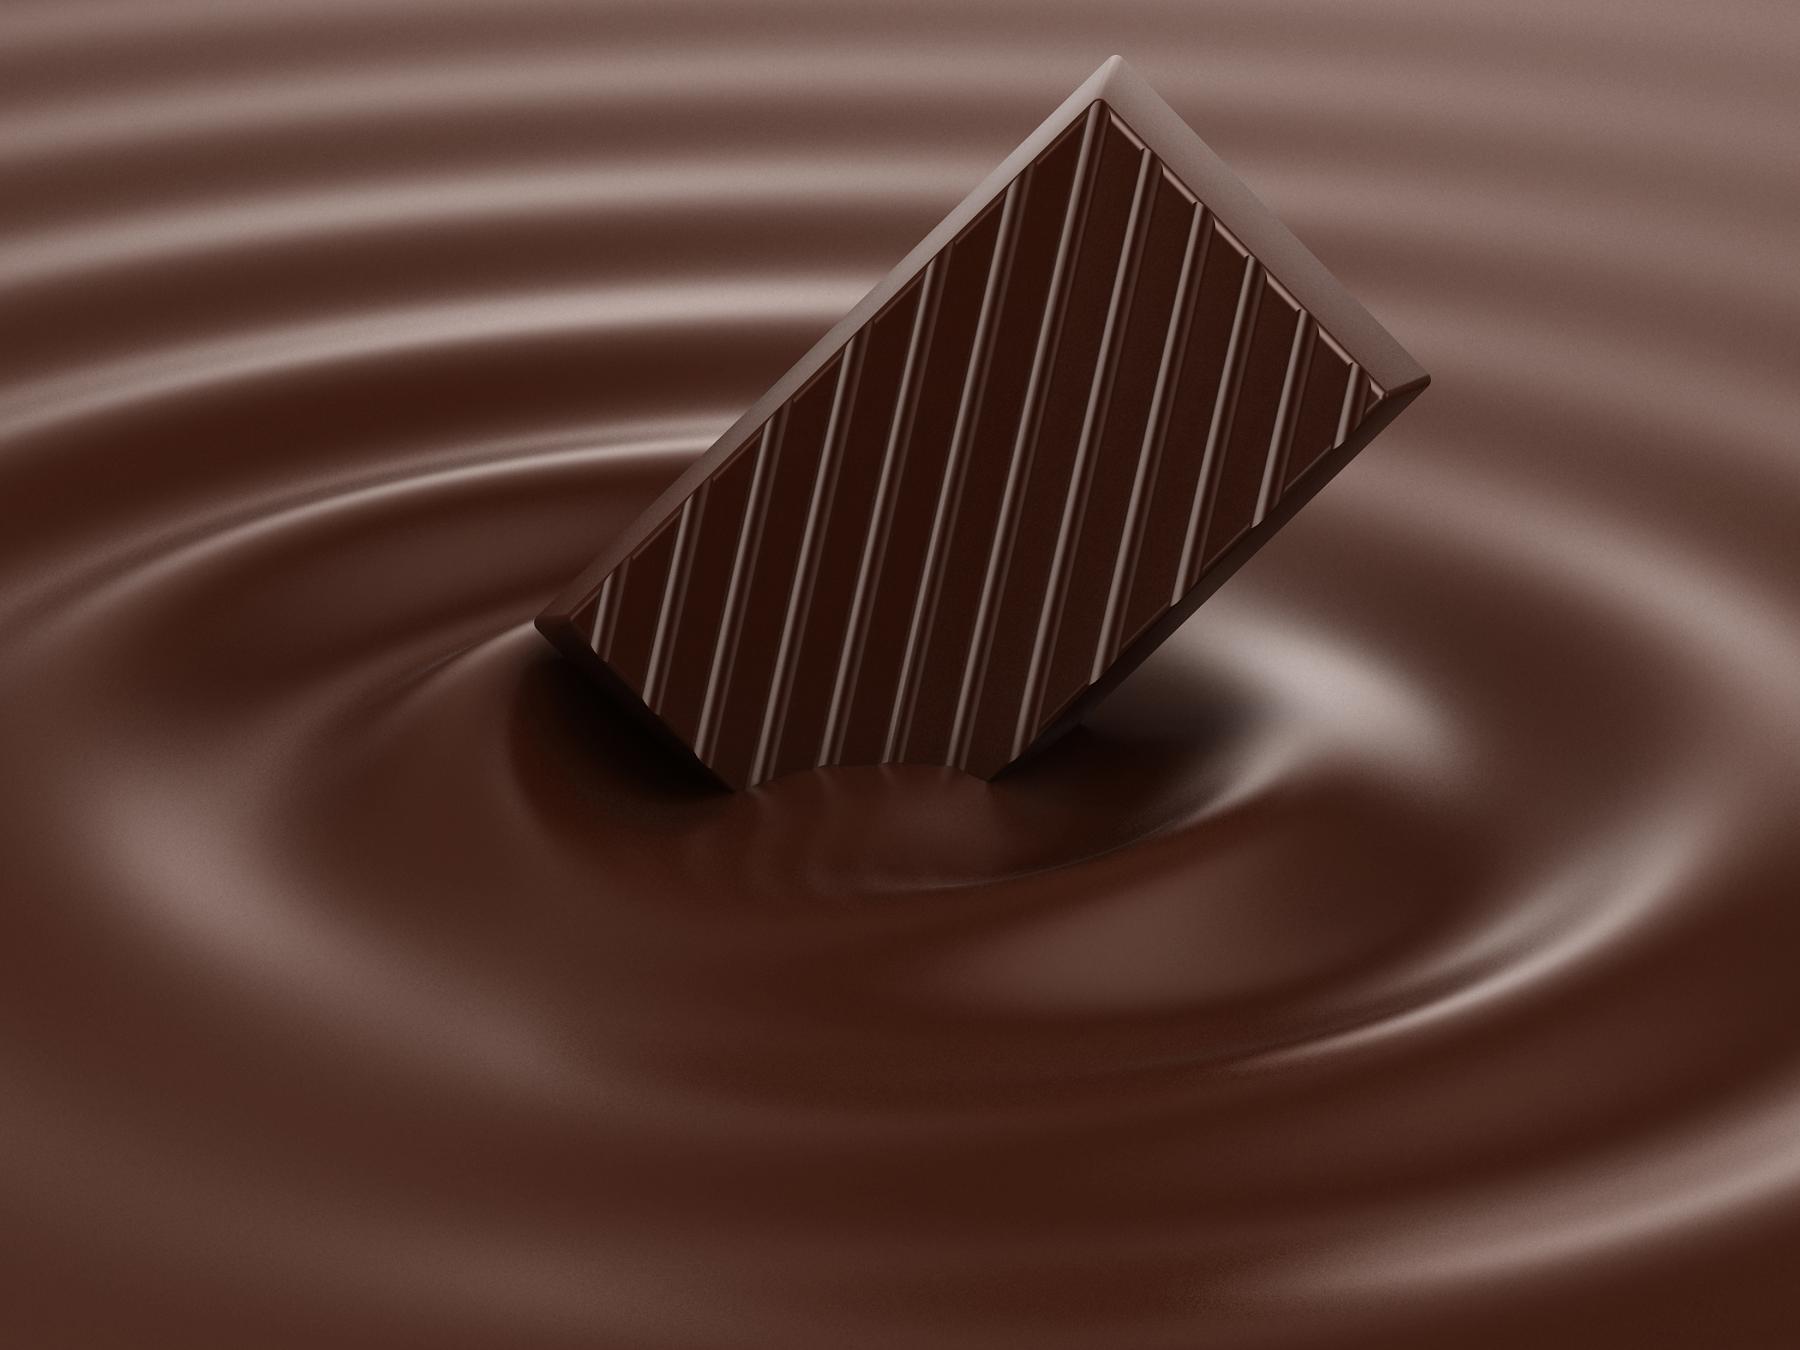 Recette pour mincir de crème au chocolat